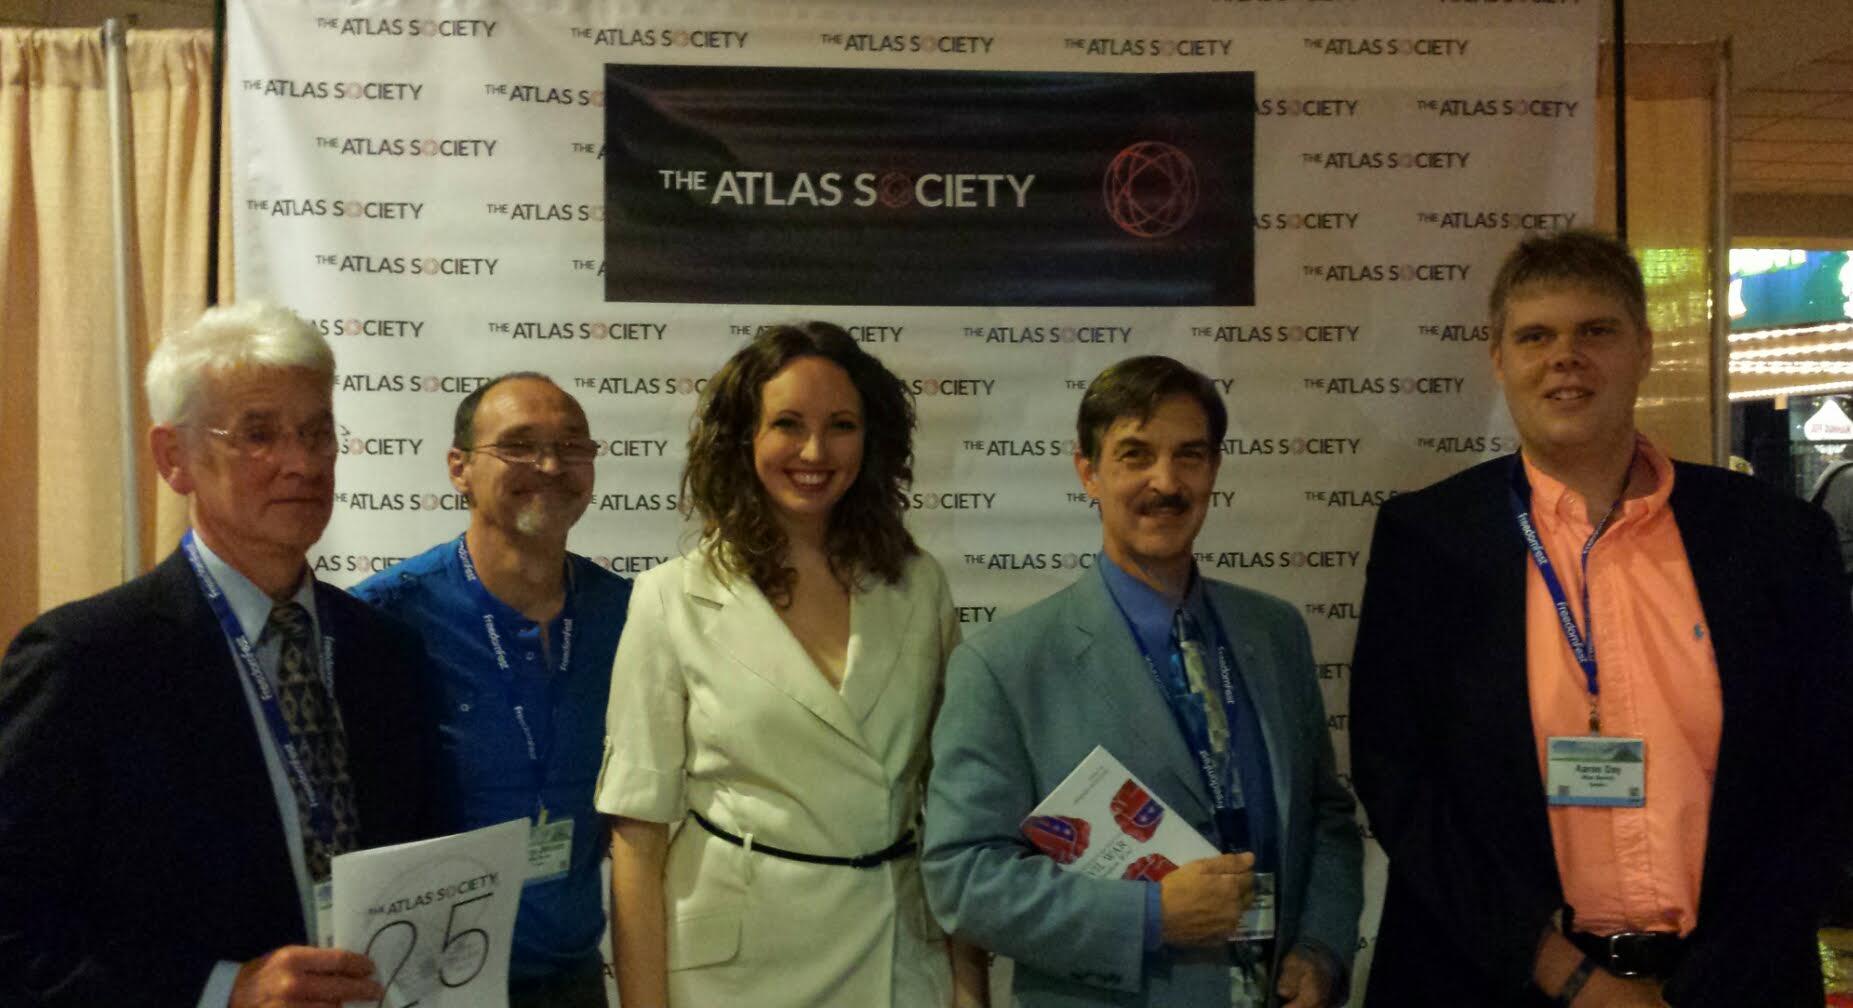 freedomfest atlas society 2015